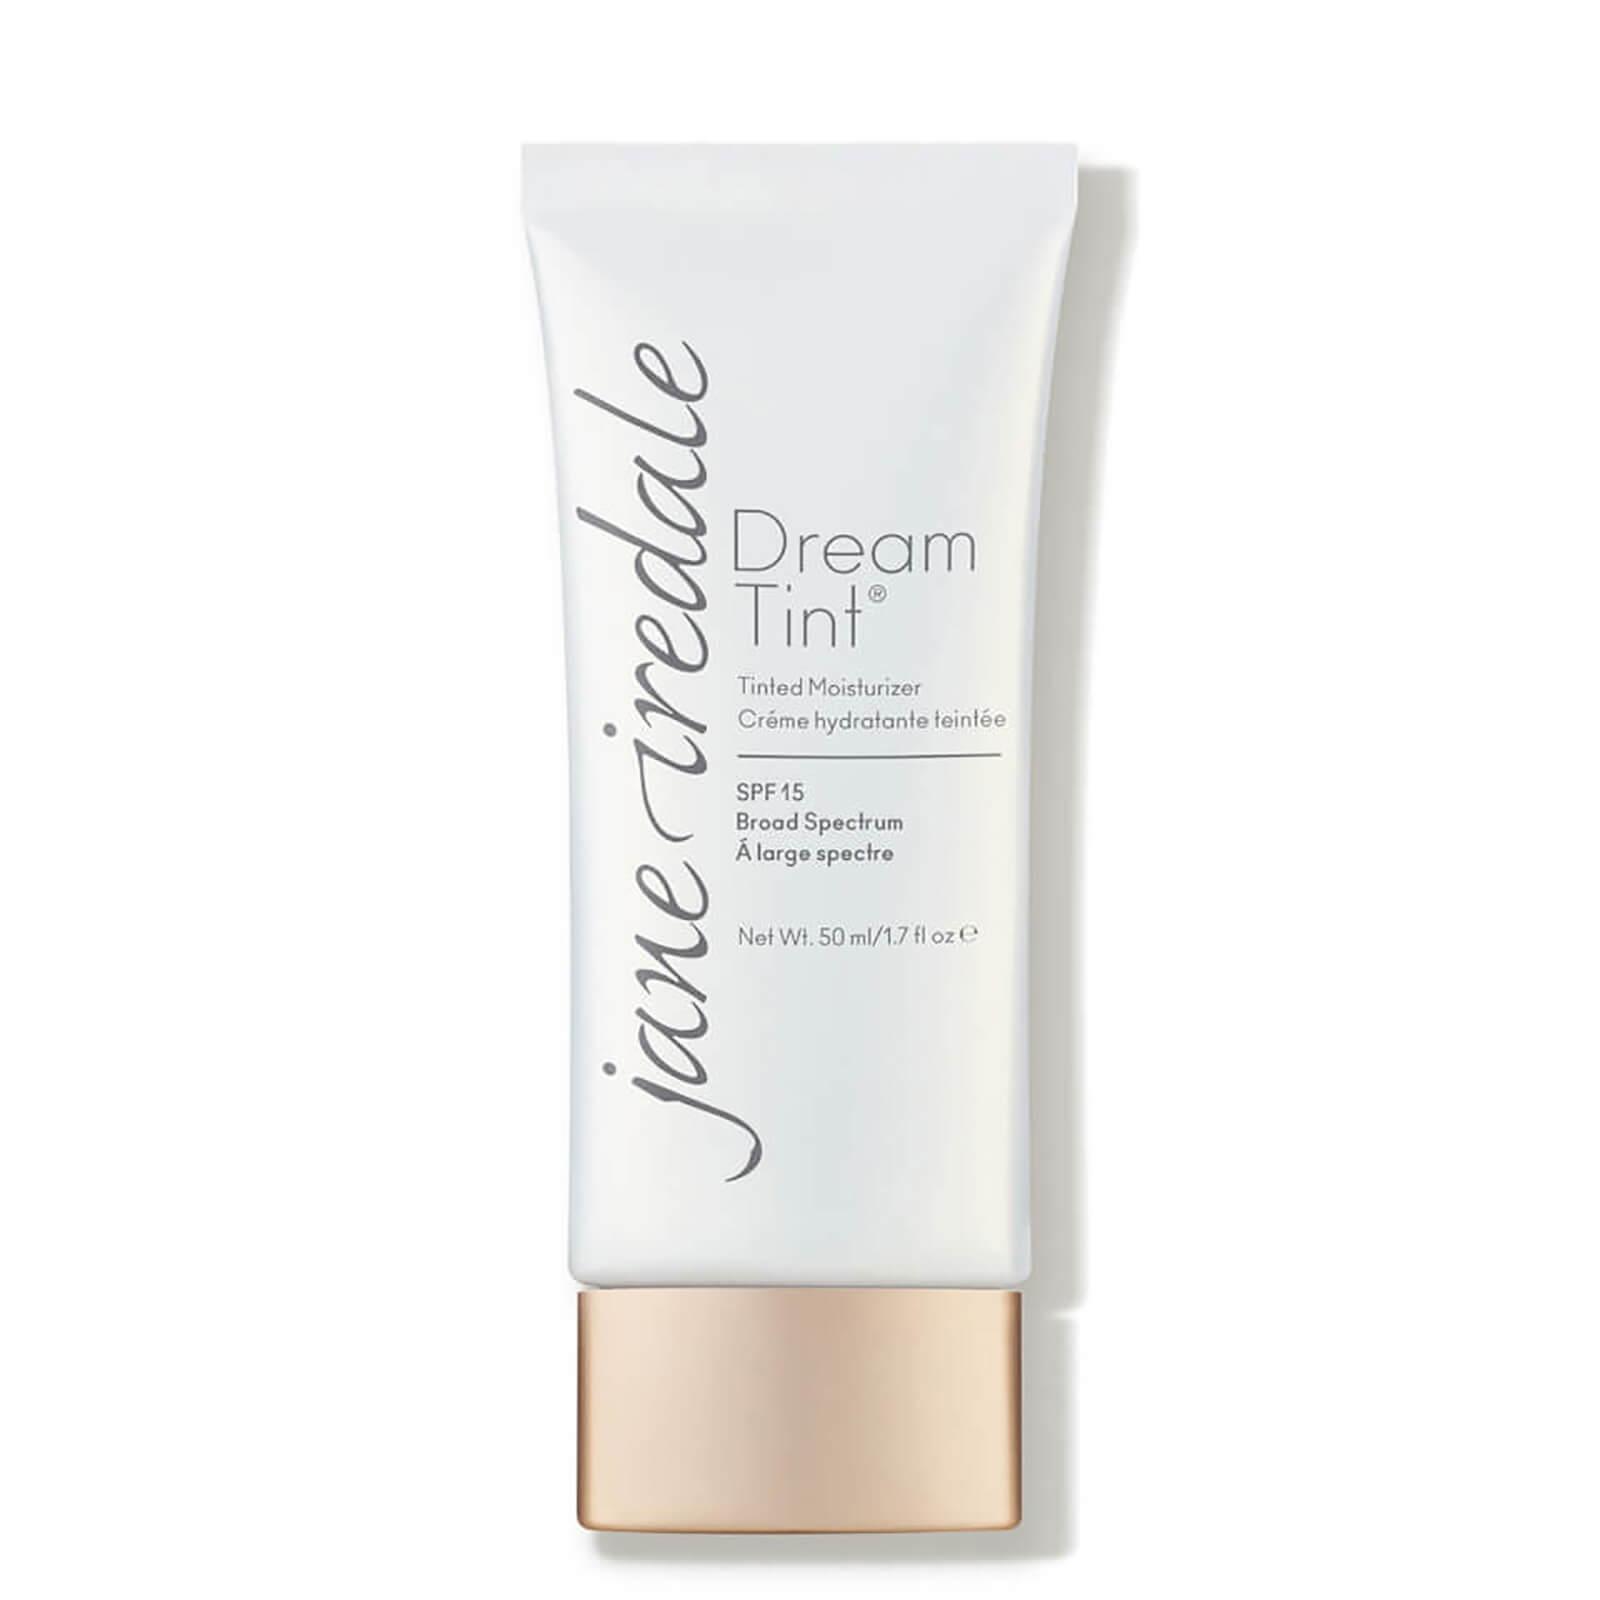 Jane Iredale Dream Tint Tinted Moisturizer Spf 15 1.7 Fl. Oz. - Peach Brightener